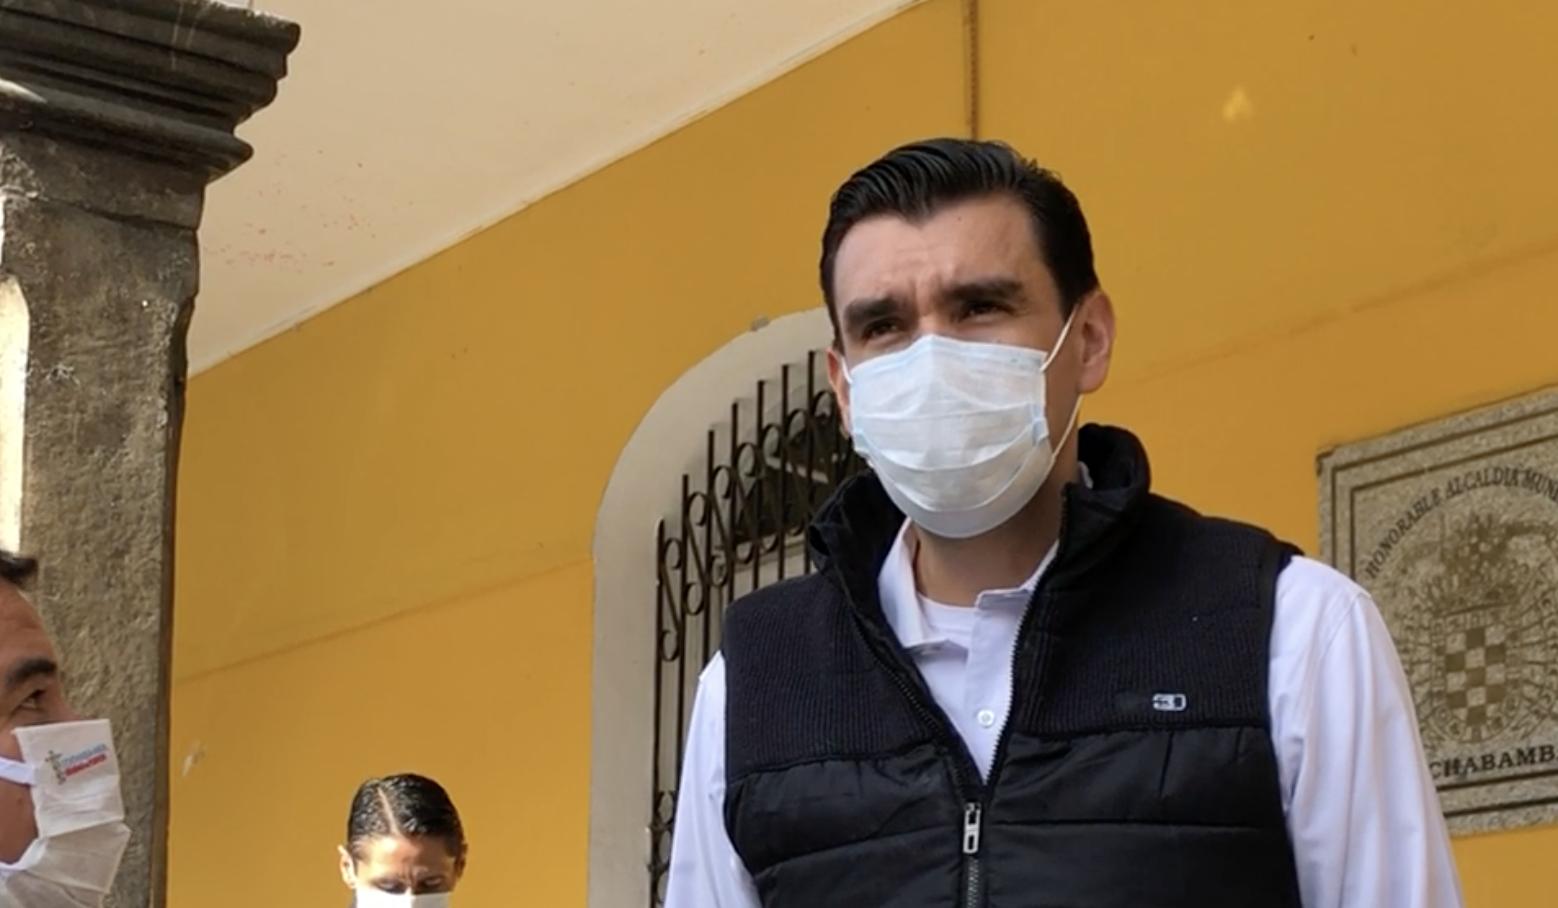 Empresarios dan plazo de 72 horas para la renuncia del alcalde y la gobernadora de Cochabamba